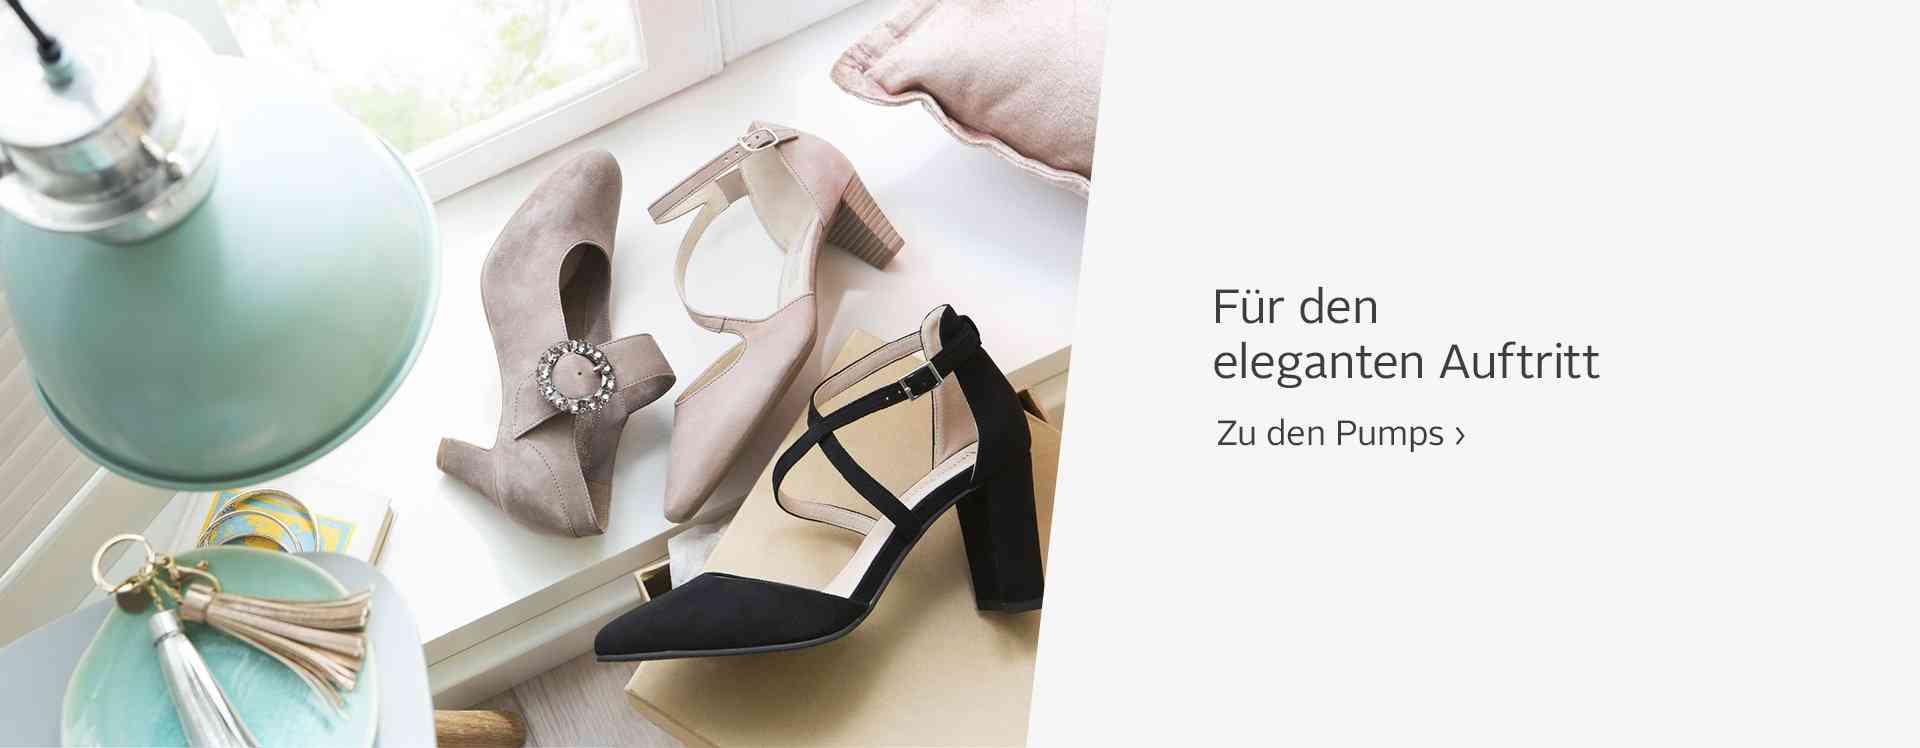 Schritt für Schritt im Trend: Ob für's Büro oder für die nächste Party, stylische Pumps из OTTO kann man nie genug haben!